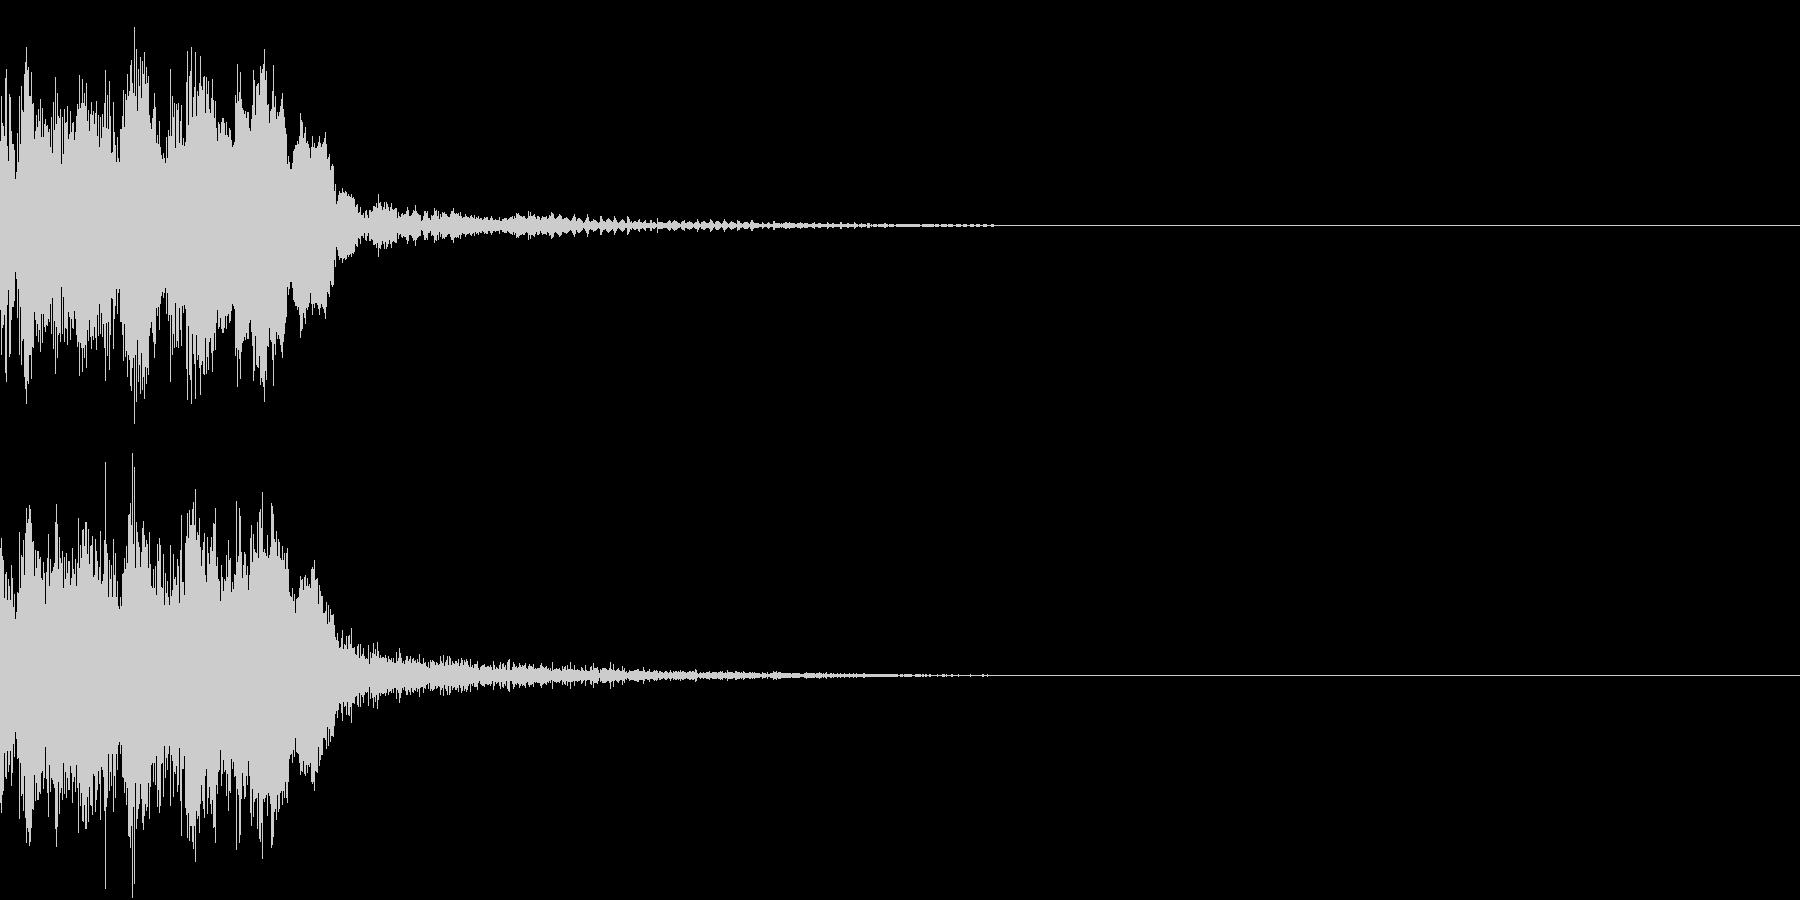 レベルアップ アイテム ゲット ヒット2の未再生の波形